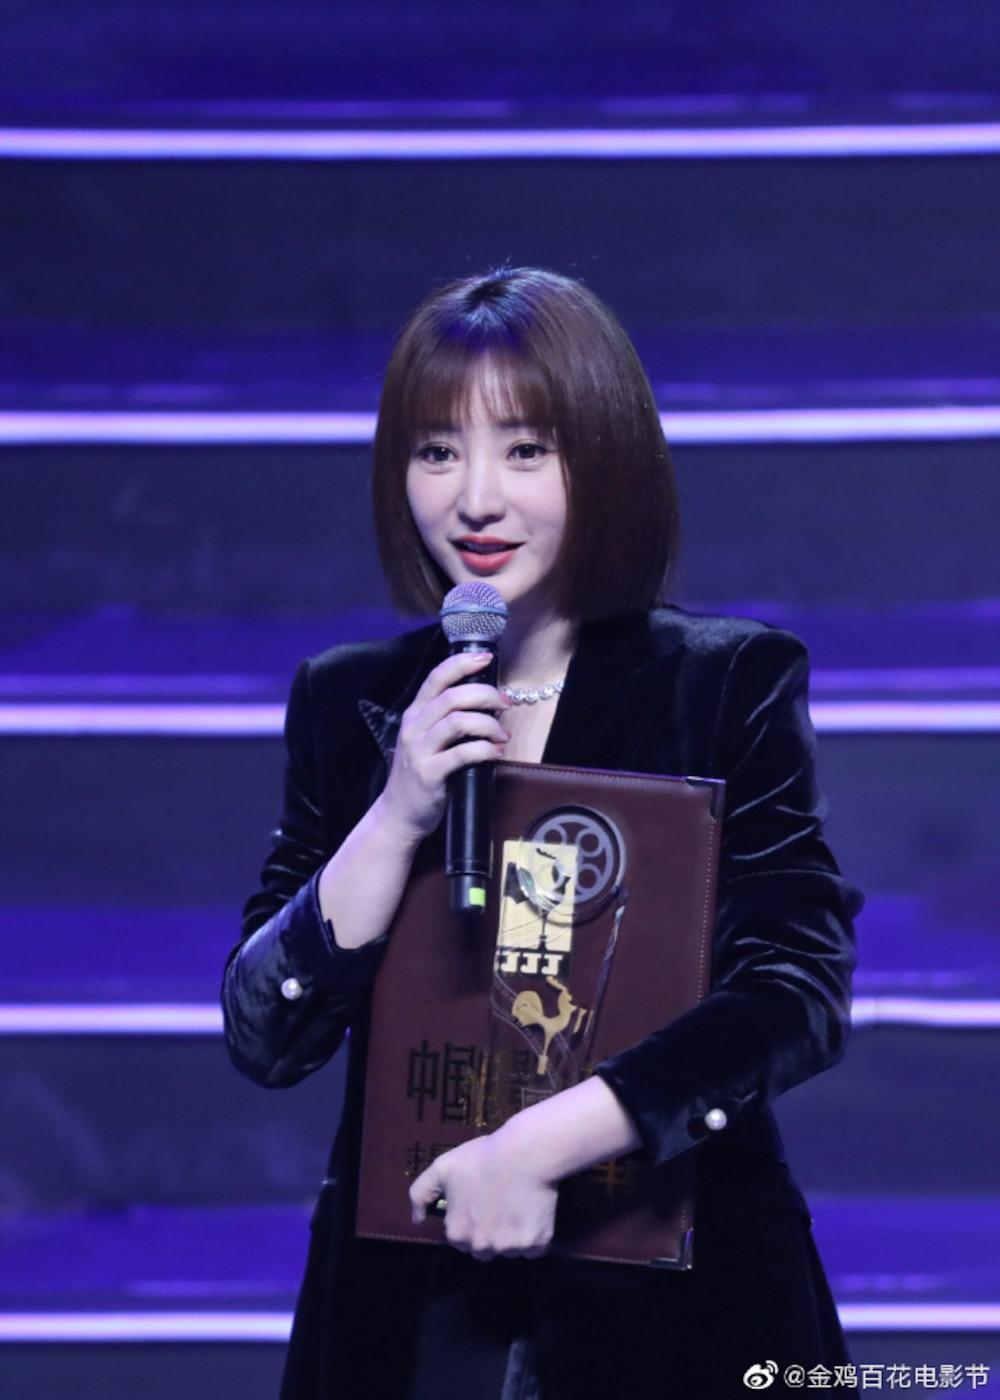 Dịch Dương Thiên Tỉ - Châu Đông Vũ cùng nhận thưởng đề cử, Huỳnh Hiểu Minh phát biểu gây chú ý Ảnh 18